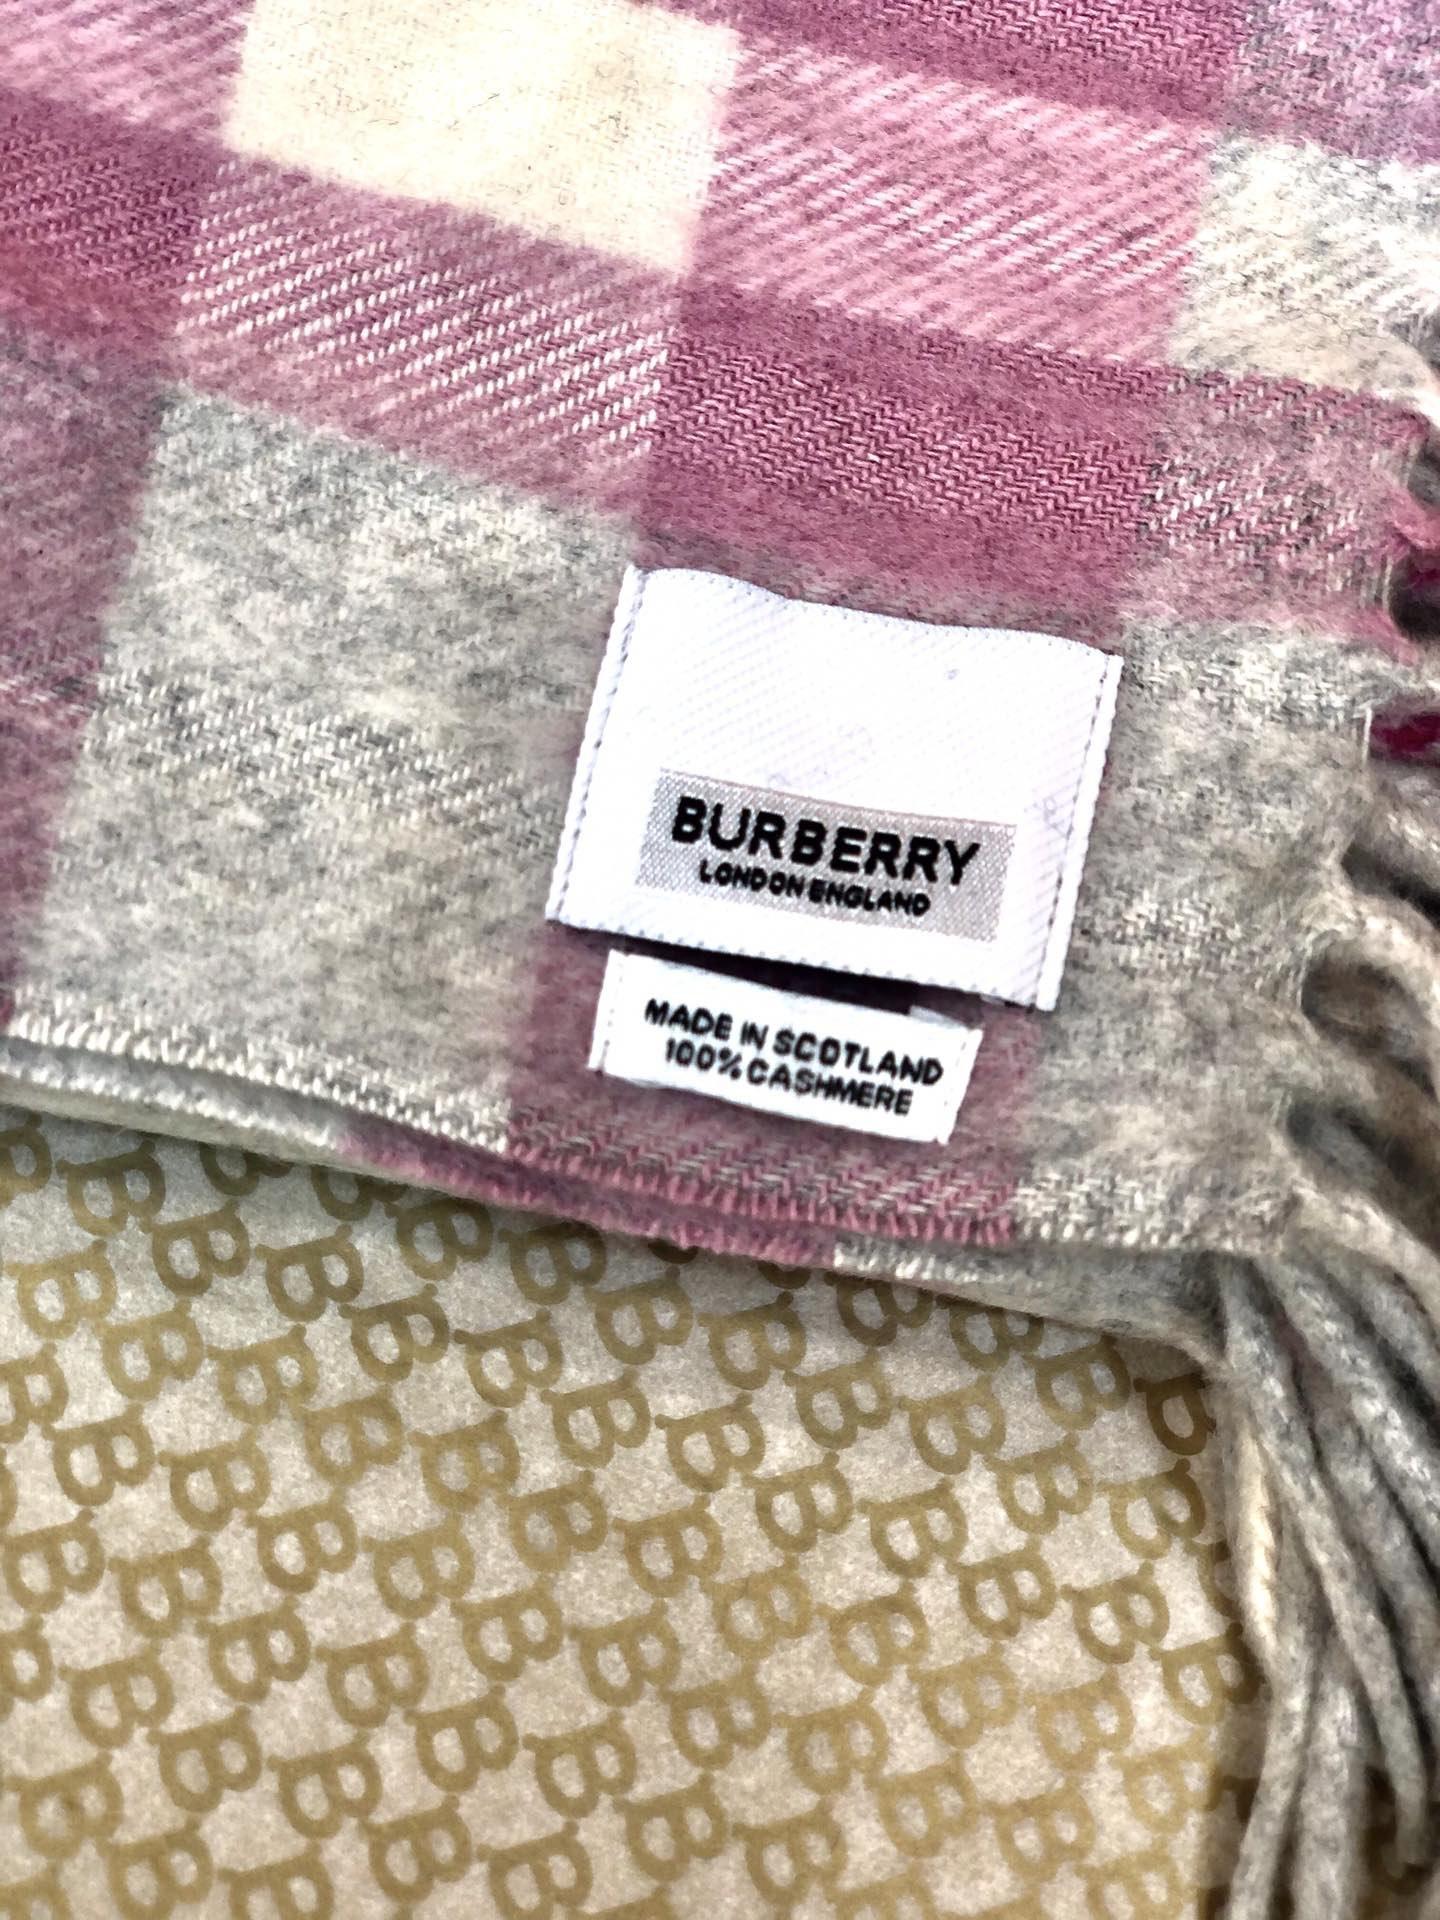 海外原单巴宝莉 100%山羊绒短款蜈蚣围巾  经典格纹围巾(图5)